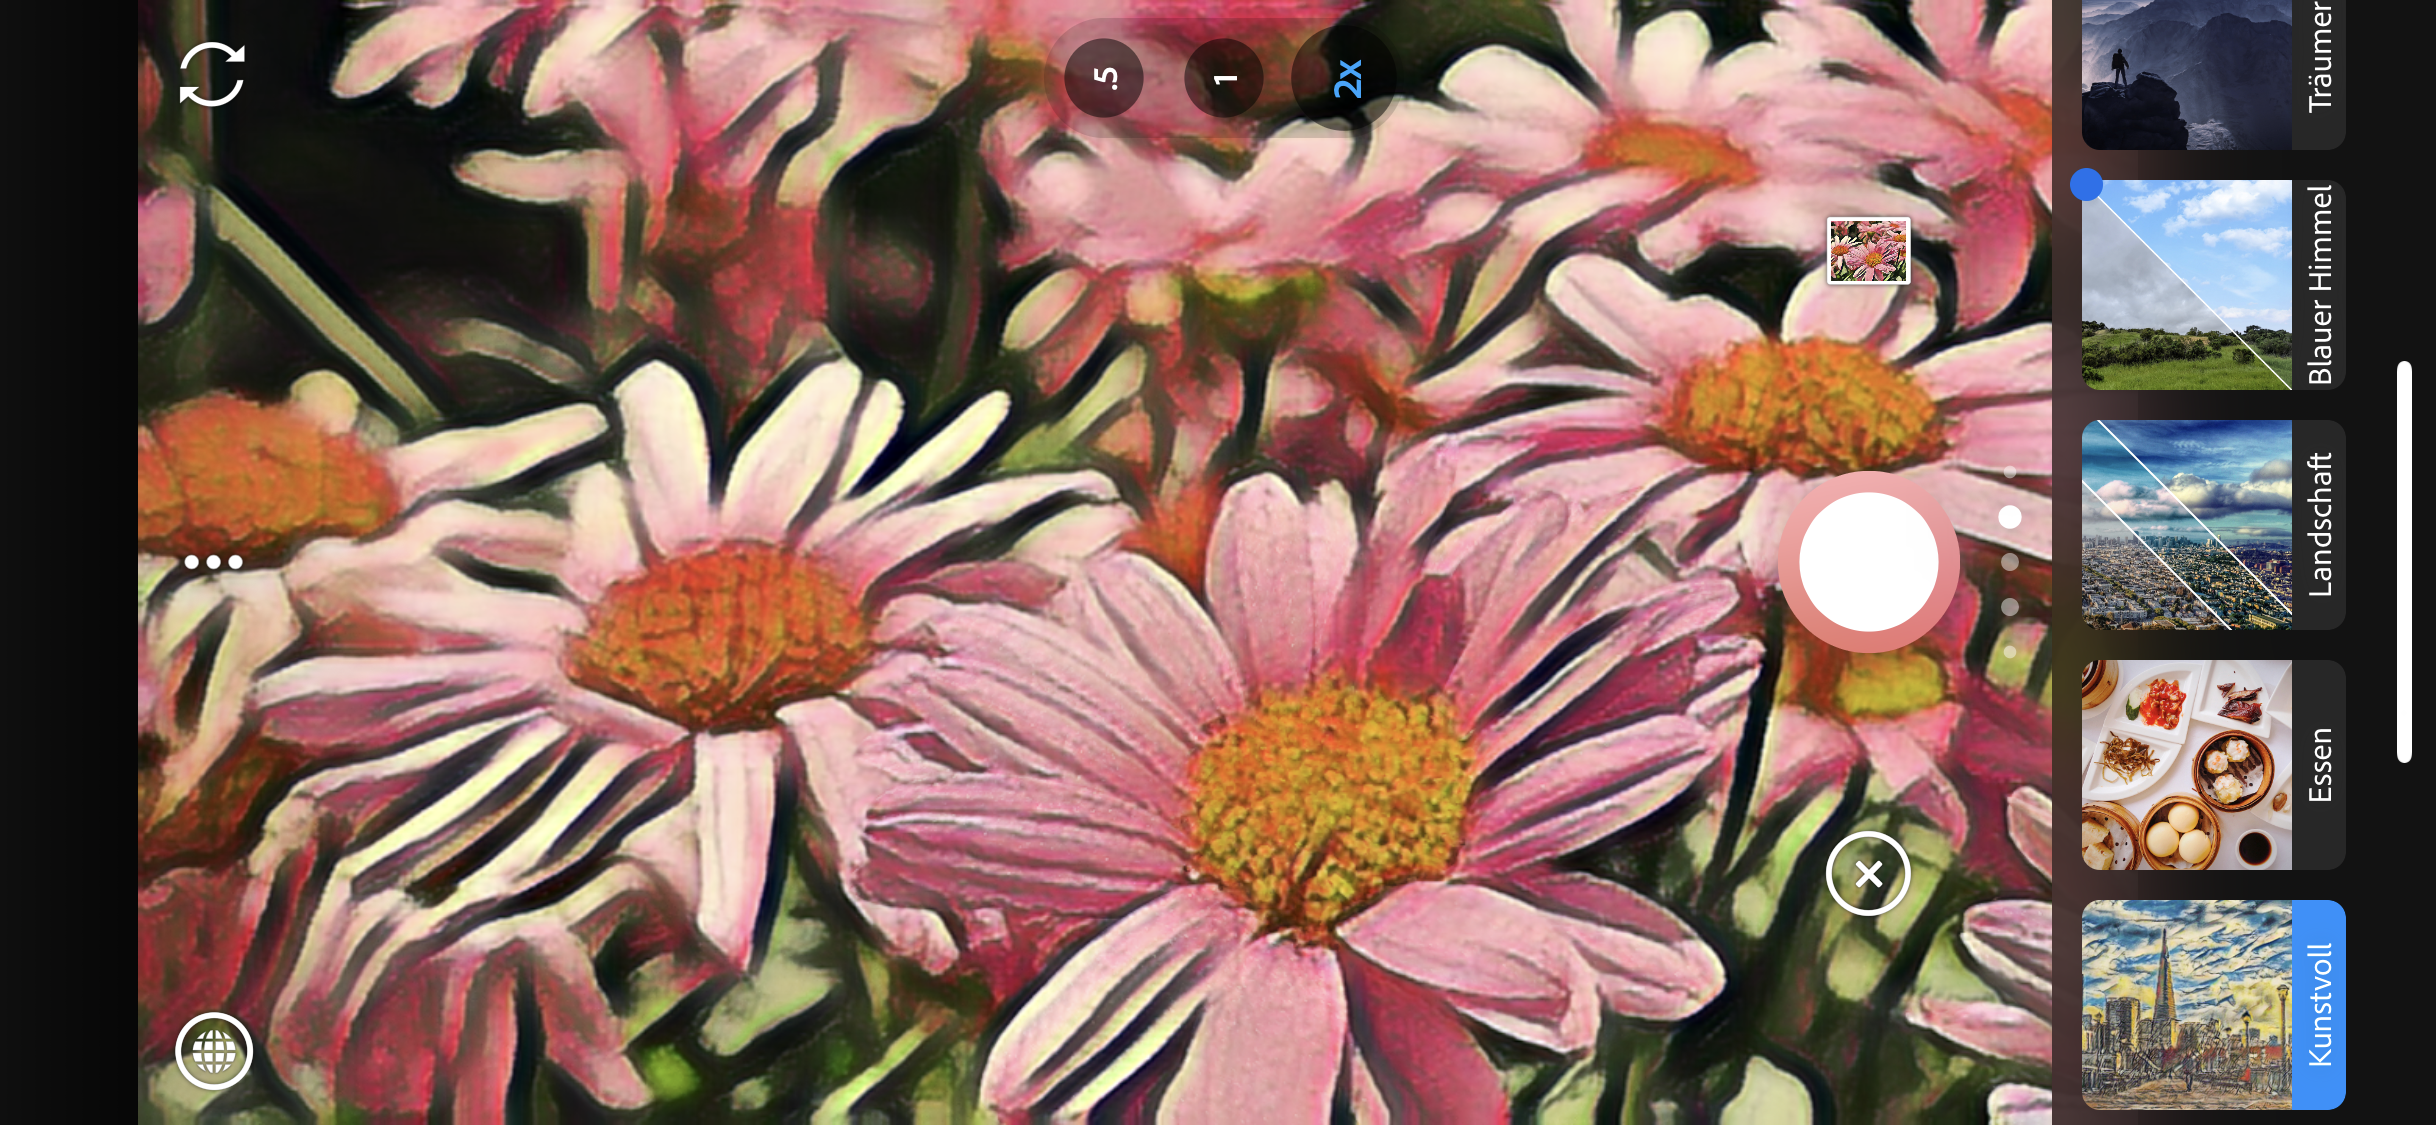 iPhone und Android: Adobe Photoshop Camera zaubert mit künstlicher Intelligenz atemberaubende Bildeffekte